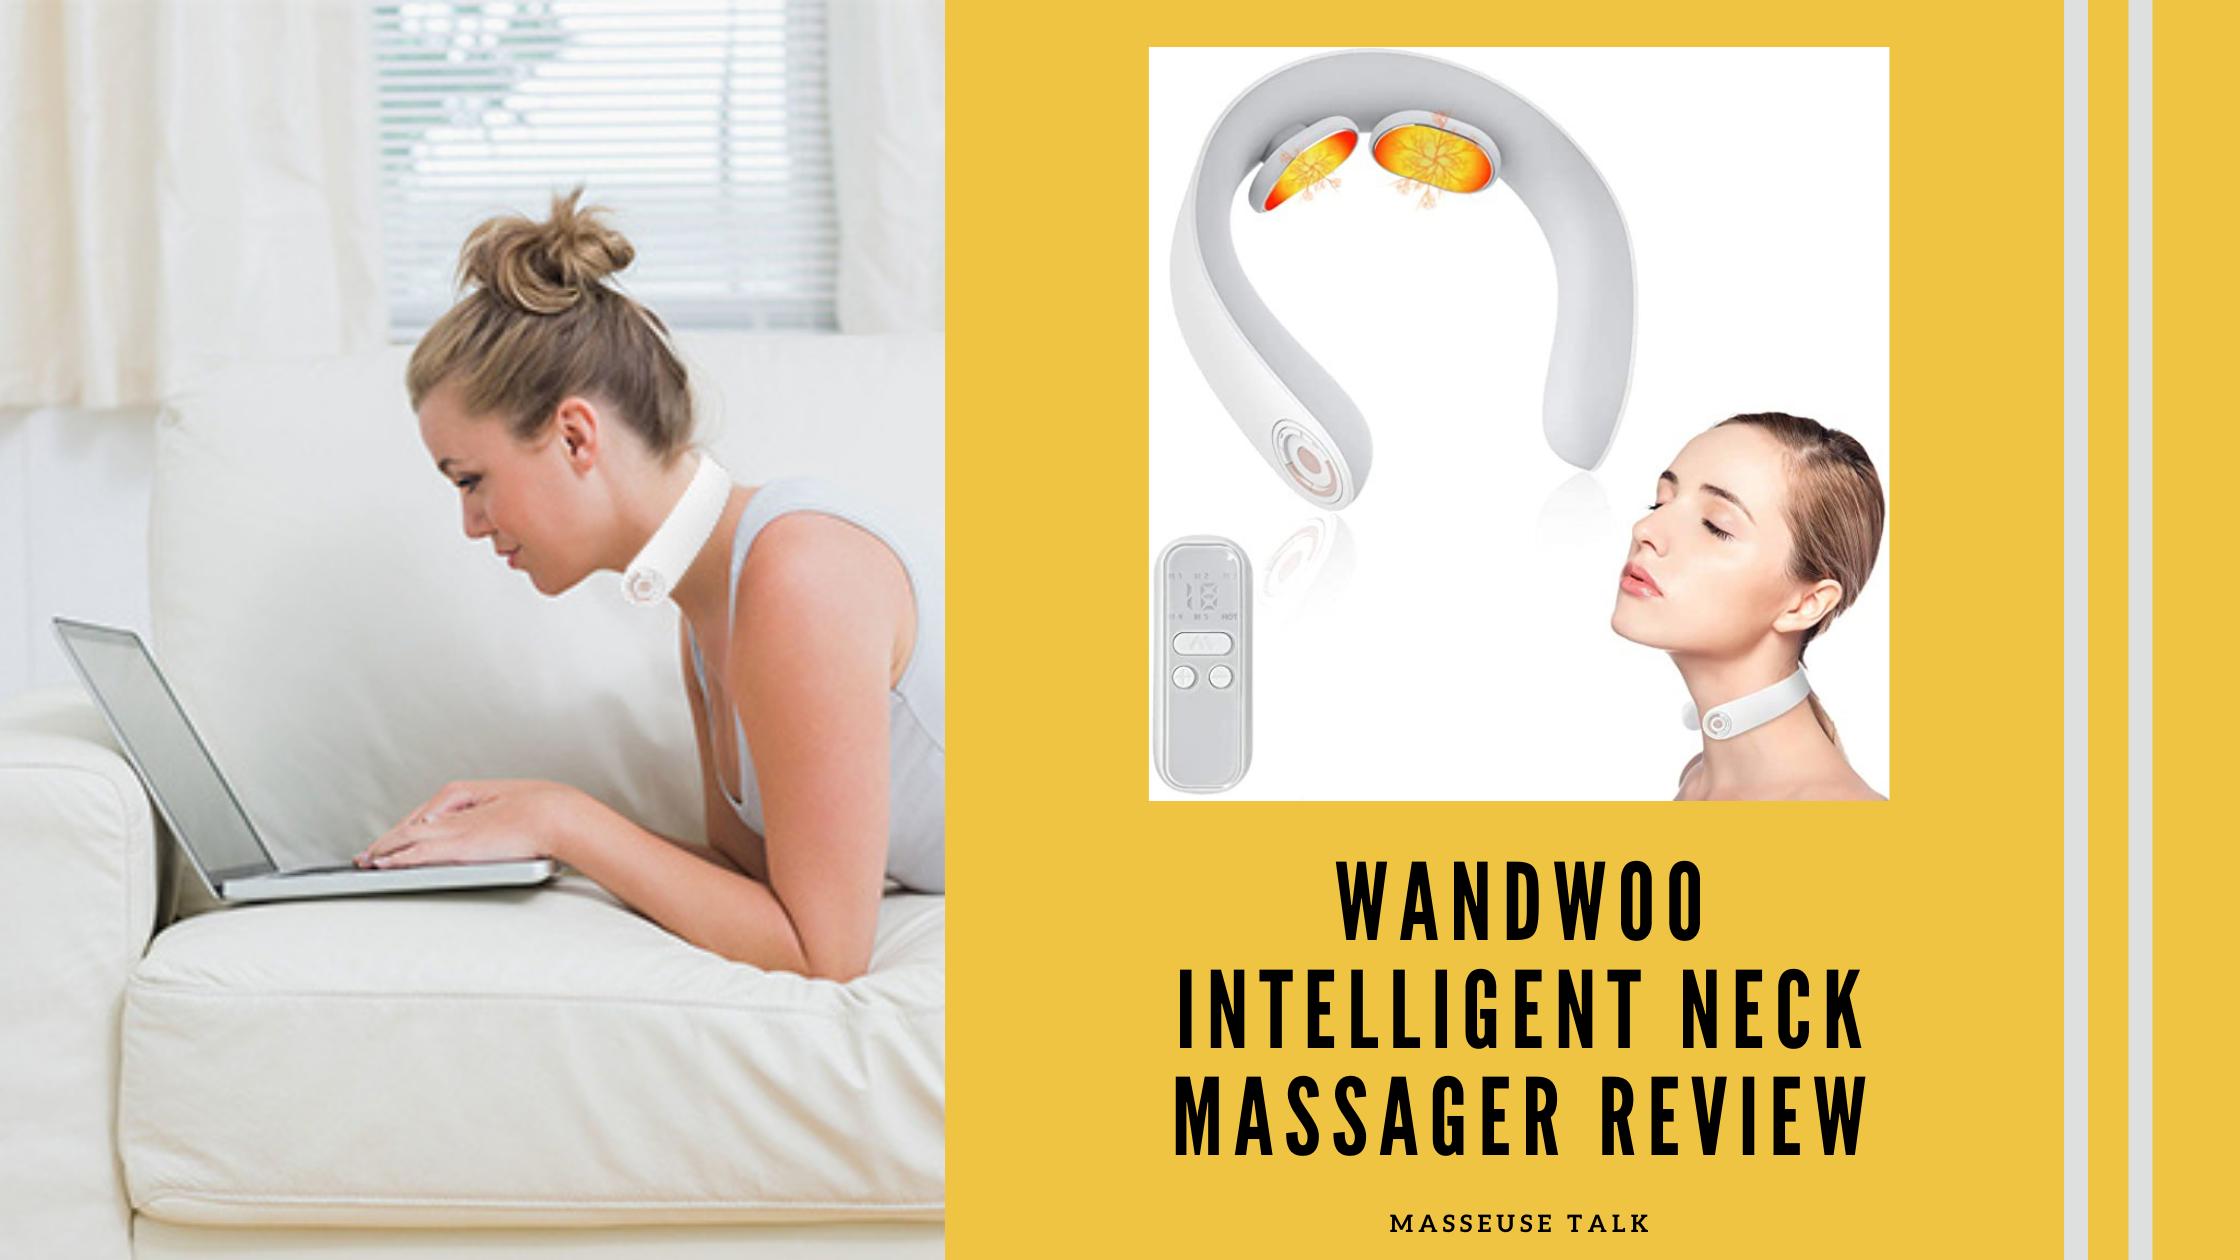 Wandwoo Intelligent Neck Massager